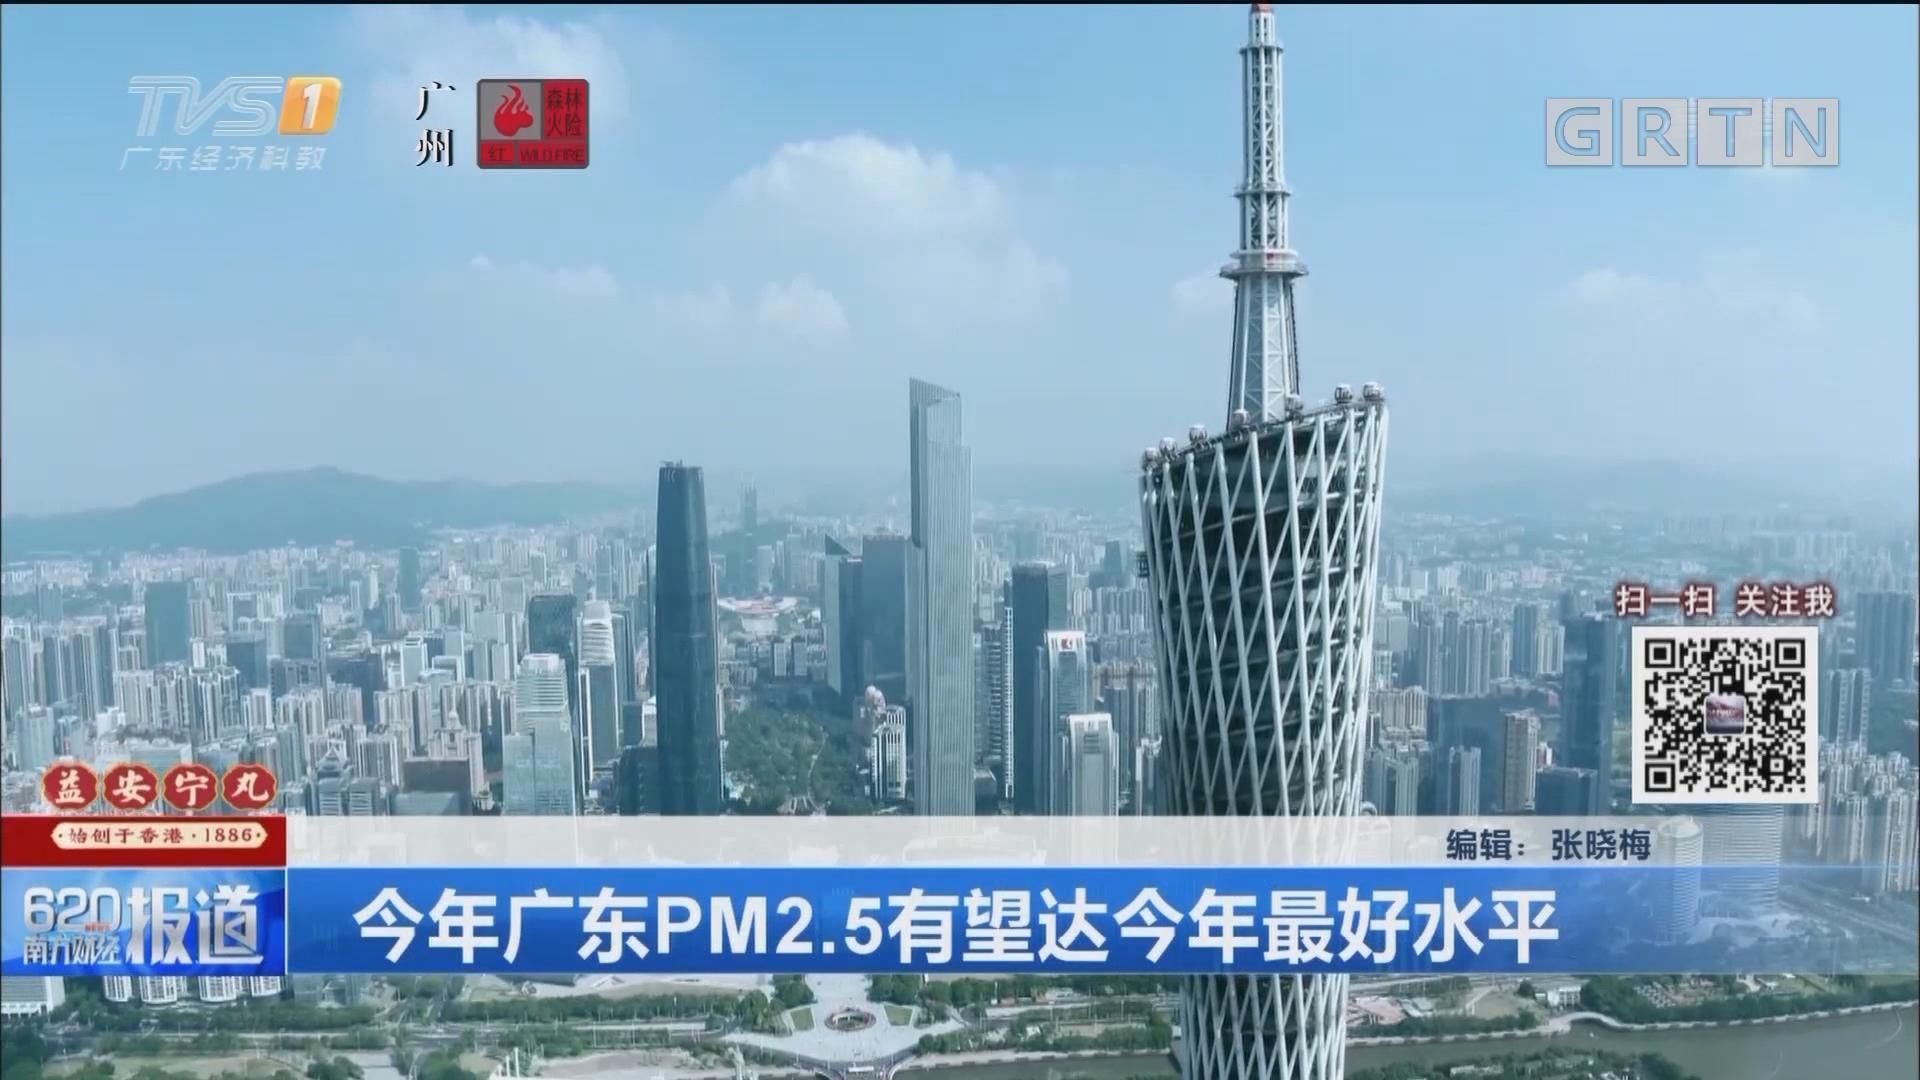 今年廣東PM2.5有望達今年最好水平